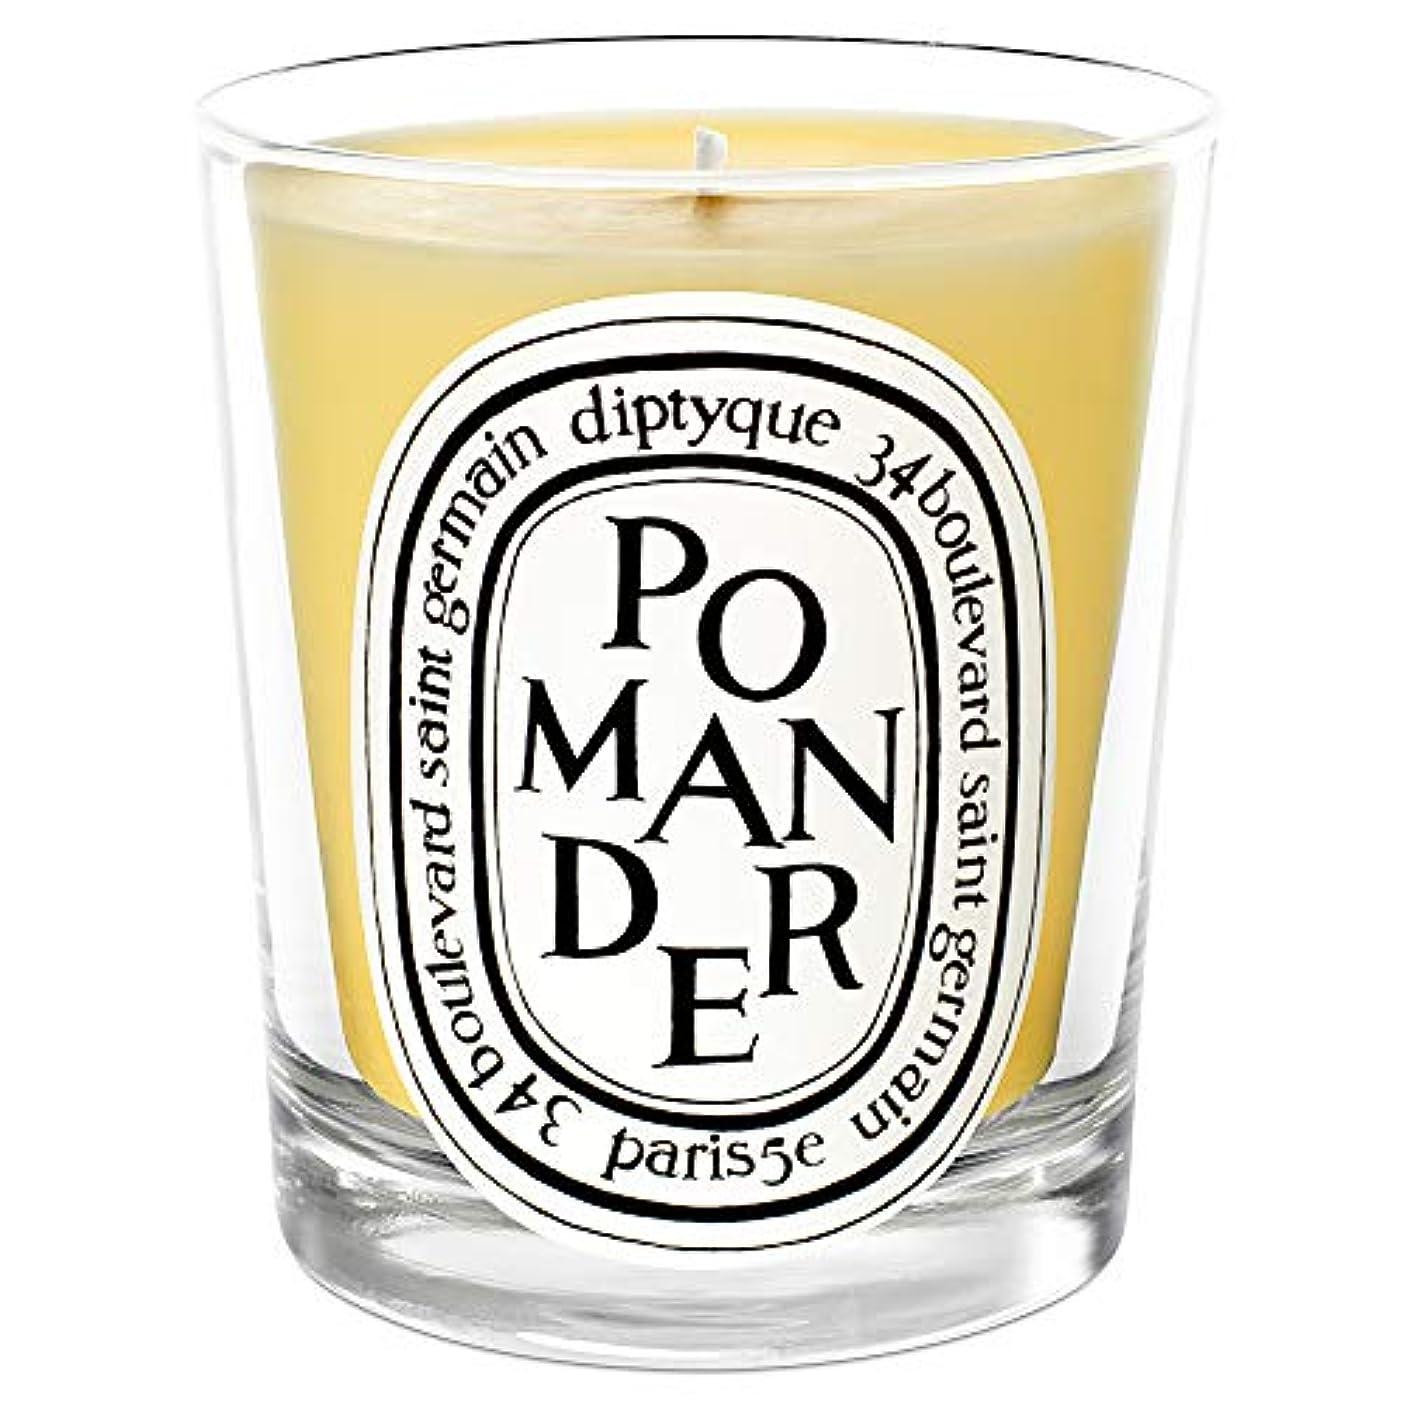 ガソリンピカリング所有権[Diptyque] DiptyqueのPomander香りのキャンドル190グラム - Diptyque Pomander Scented Candle 190g [並行輸入品]